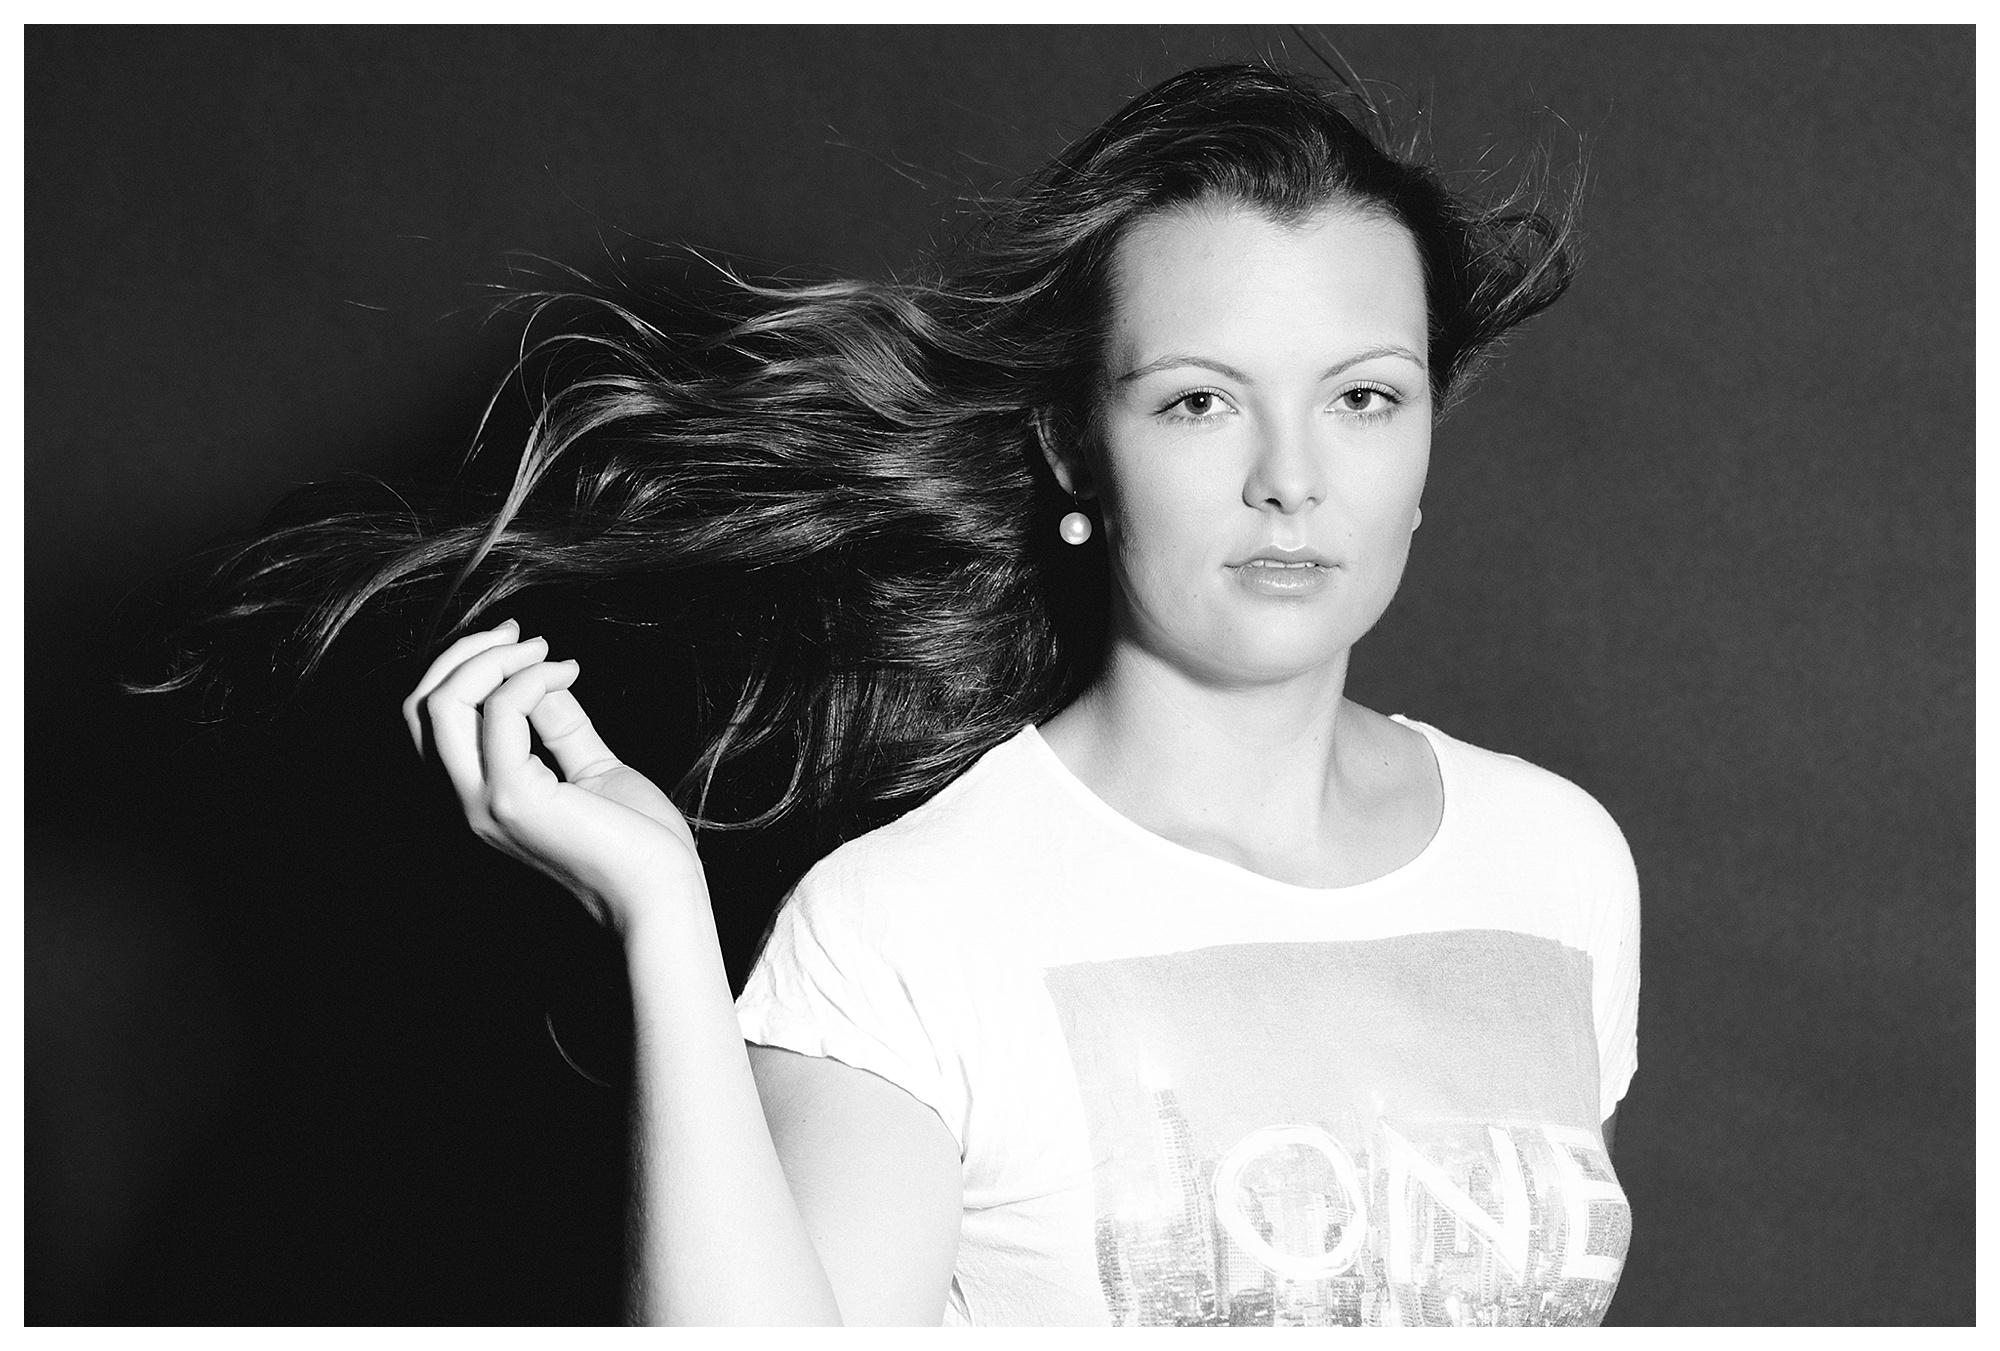 Fotograf Konstanz - Best of 2014 Elmar Feuerbacher Photography Hochzeit Portrait 063 - Rückblick auf 2014  - 62 -